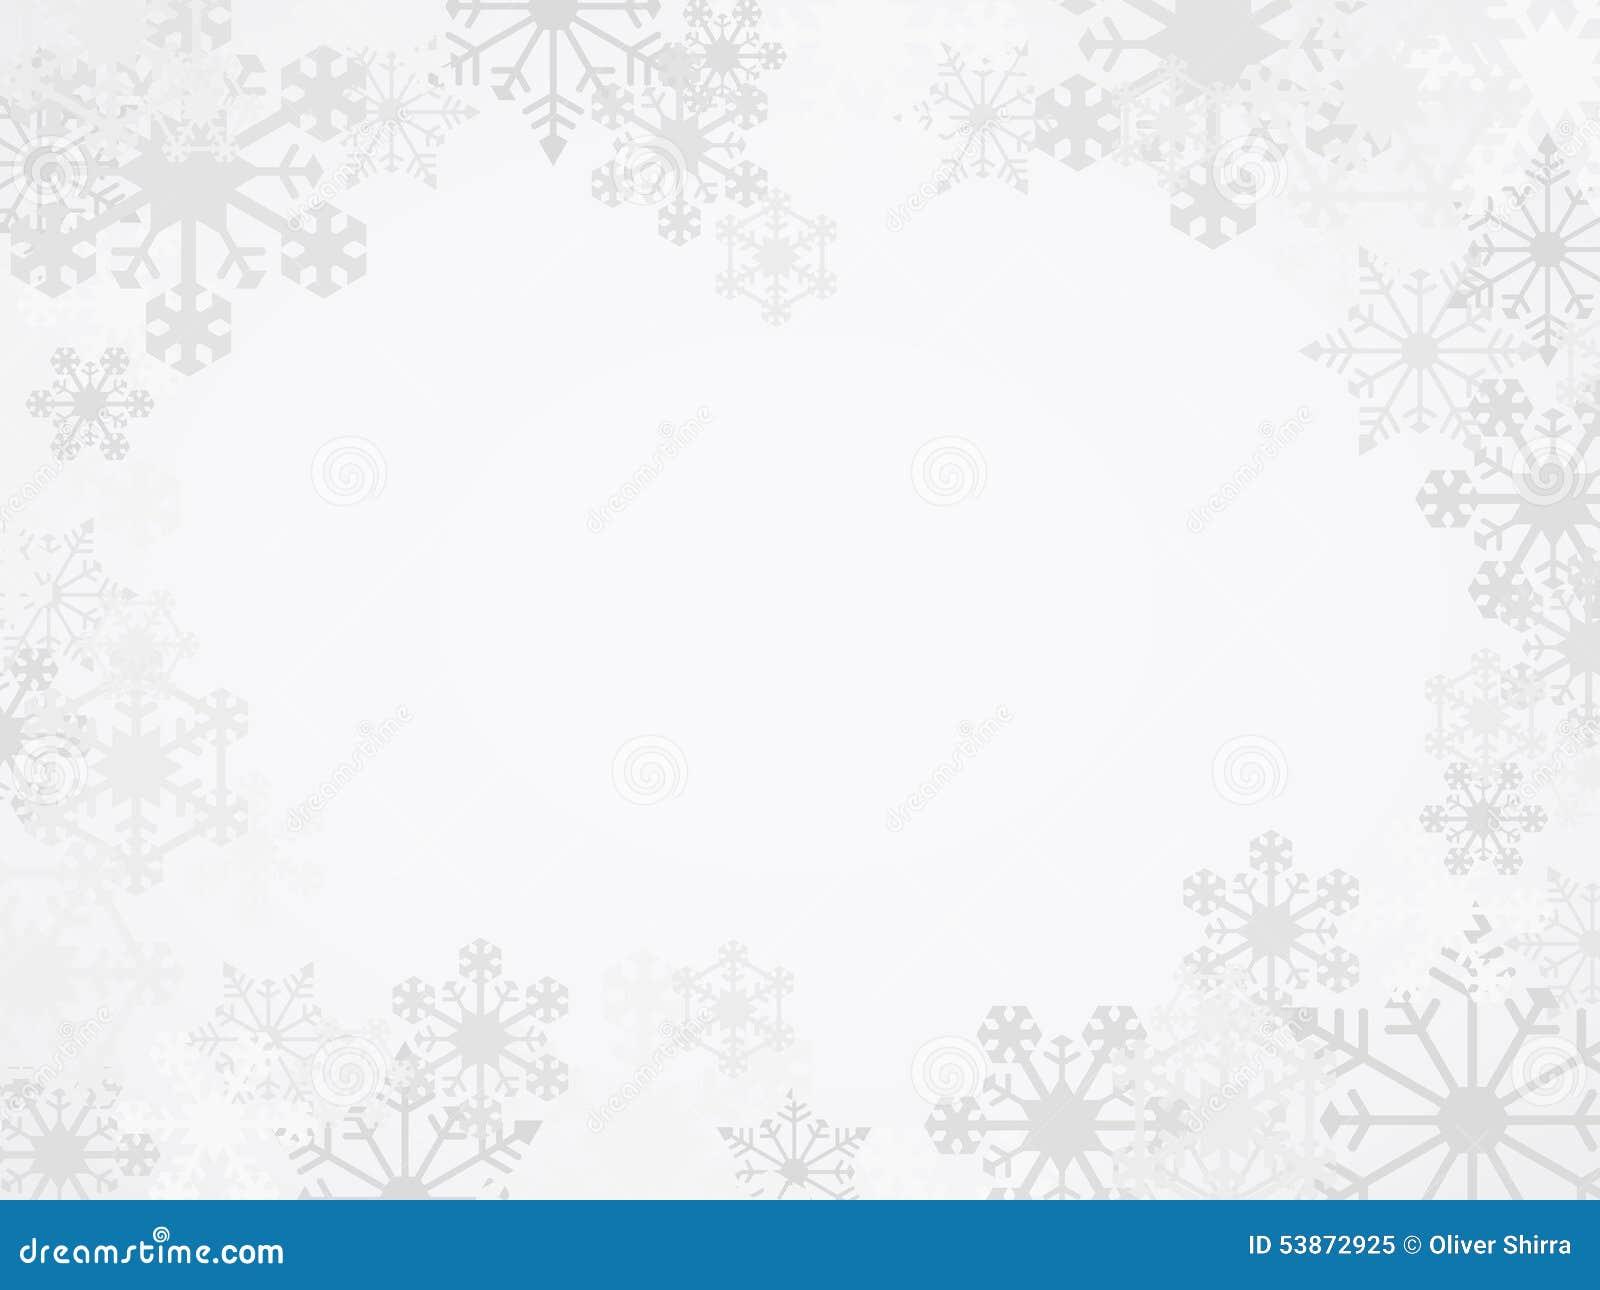 vektor winter schneeflocken hintergrund vektor abbildung. Black Bedroom Furniture Sets. Home Design Ideas